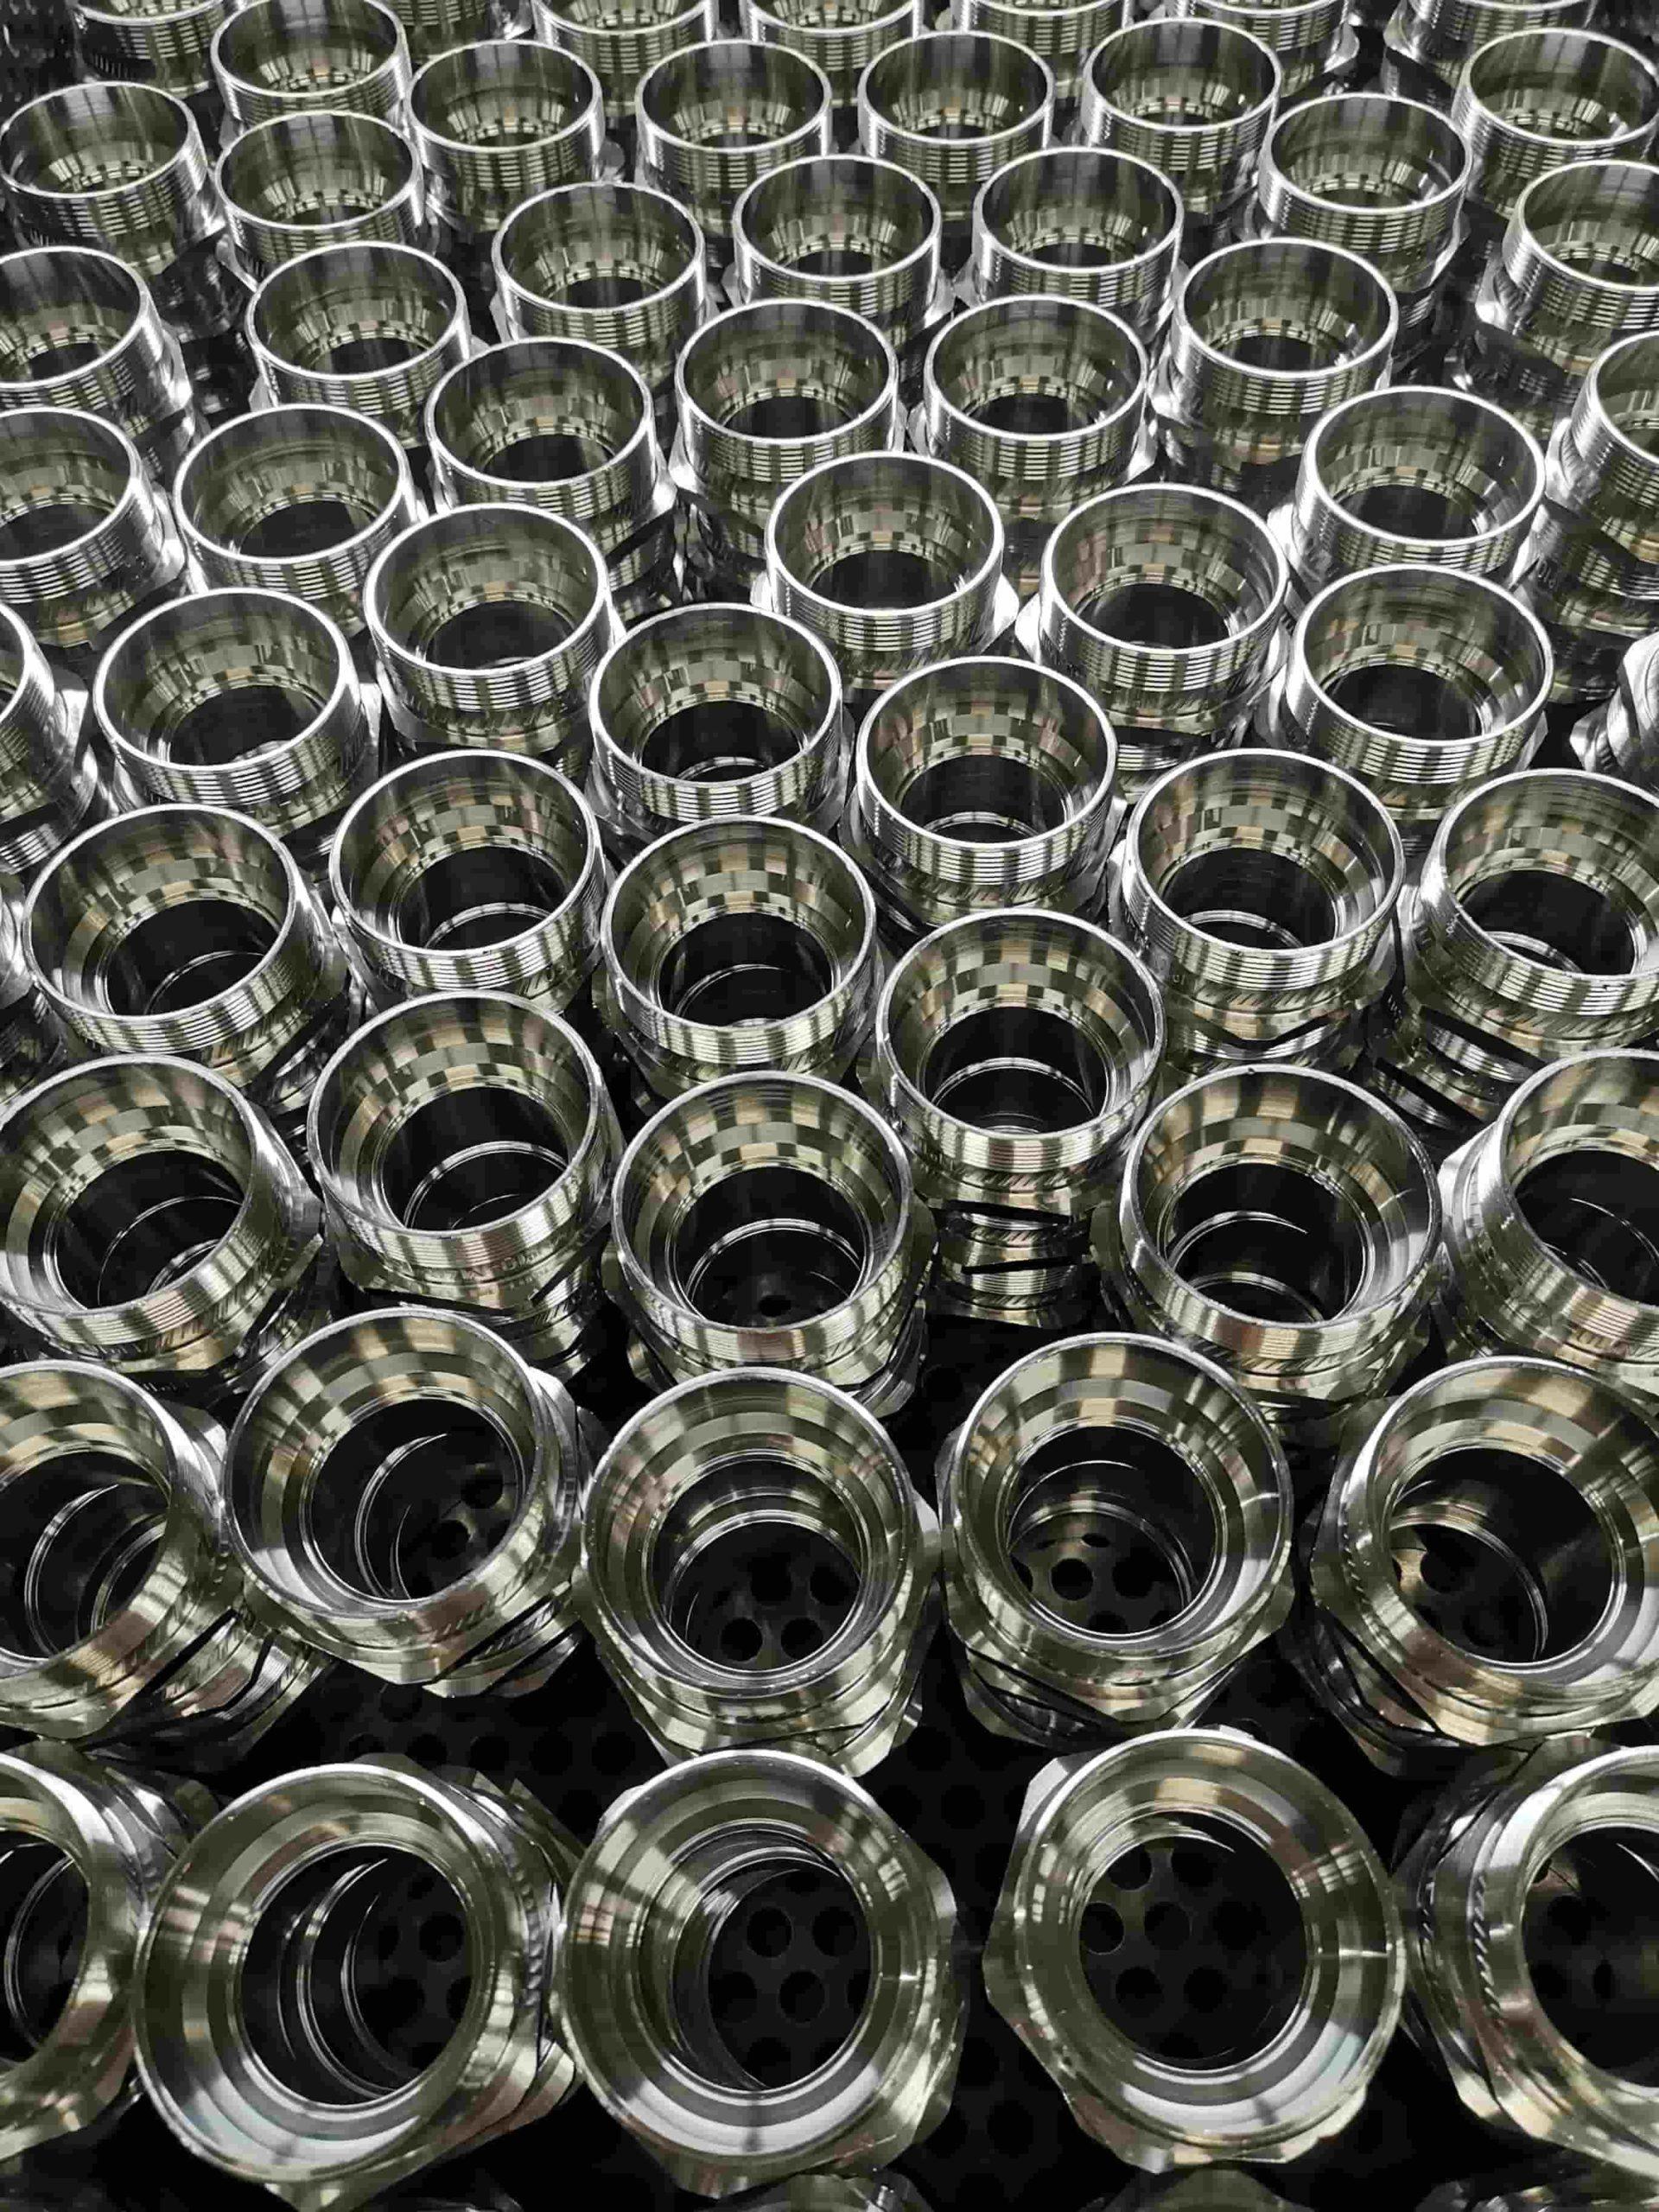 Le nickelage chimique, une protection anticorrosion simple et durable afin de conserver vos pièces dans le temps.